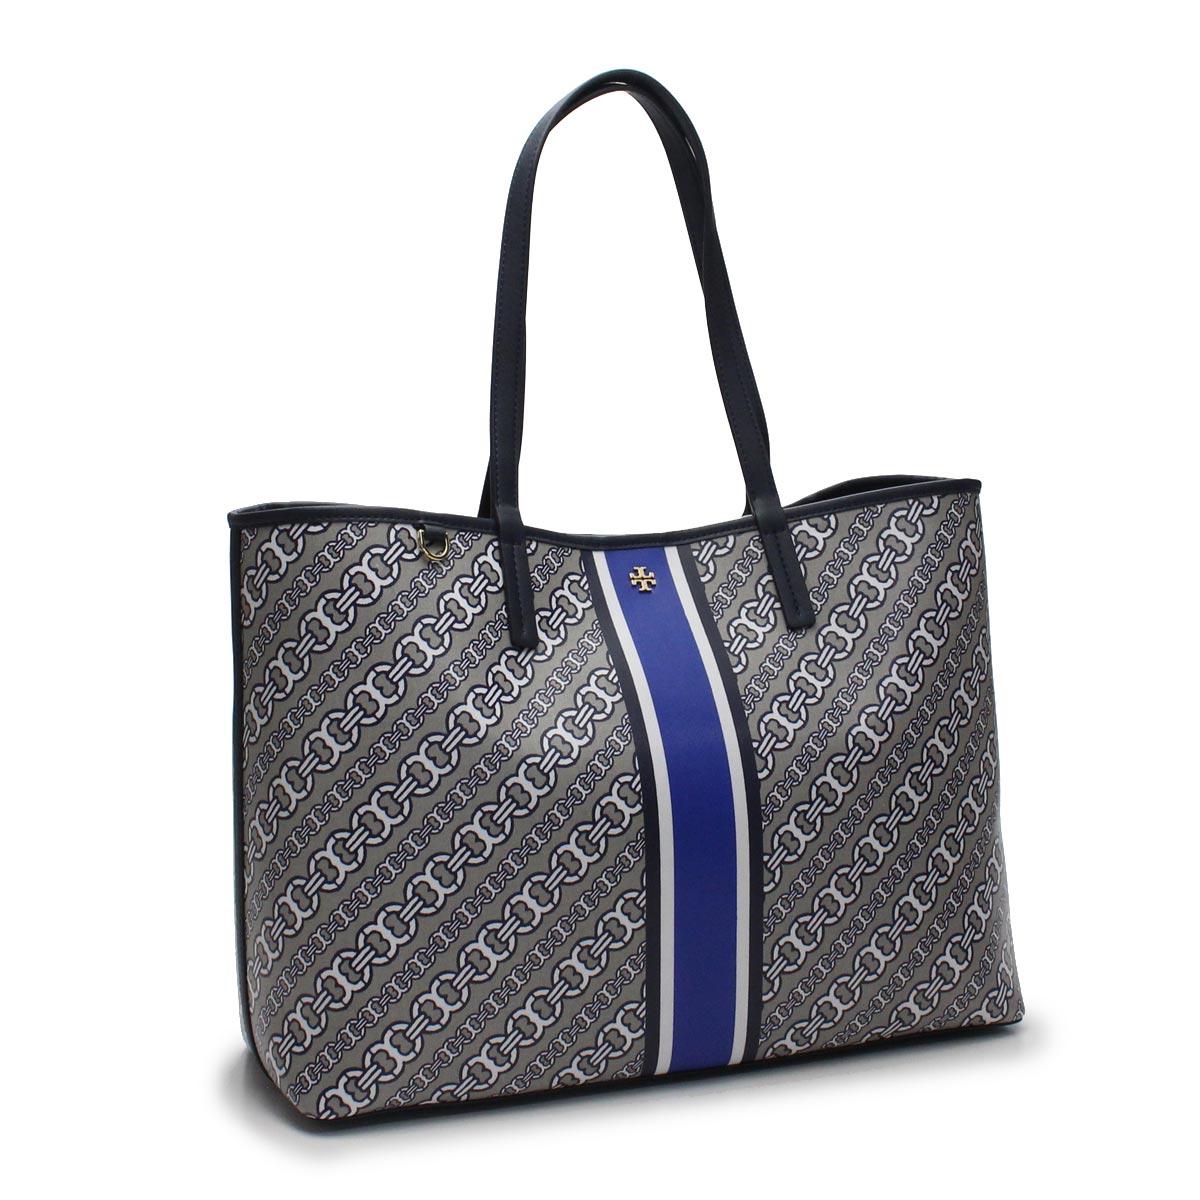 e73cb7d202e6 Tote bag of popular line